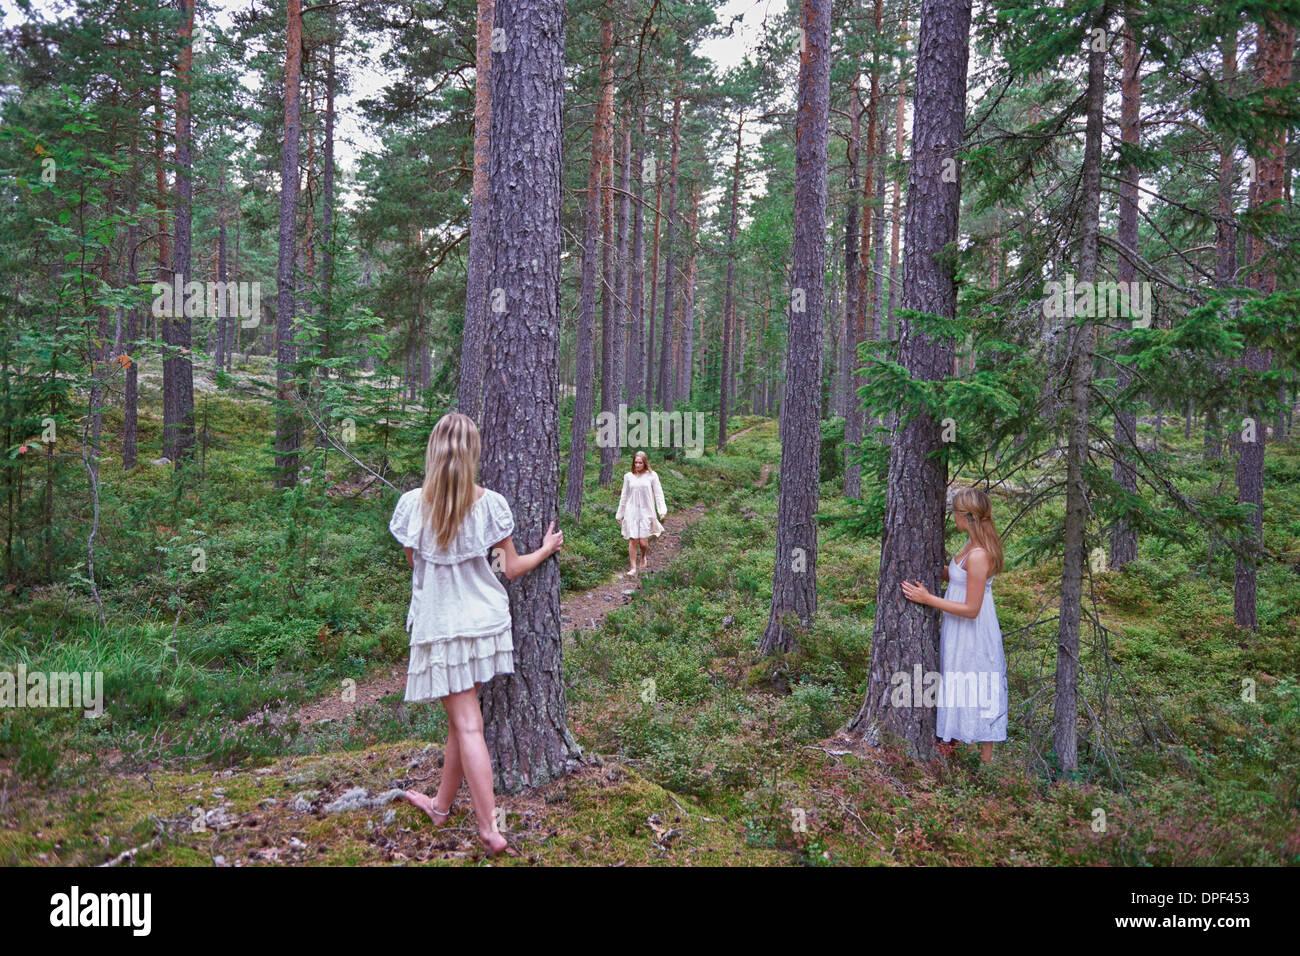 Adolescentes par les troncs des arbres en forêt Photo Stock